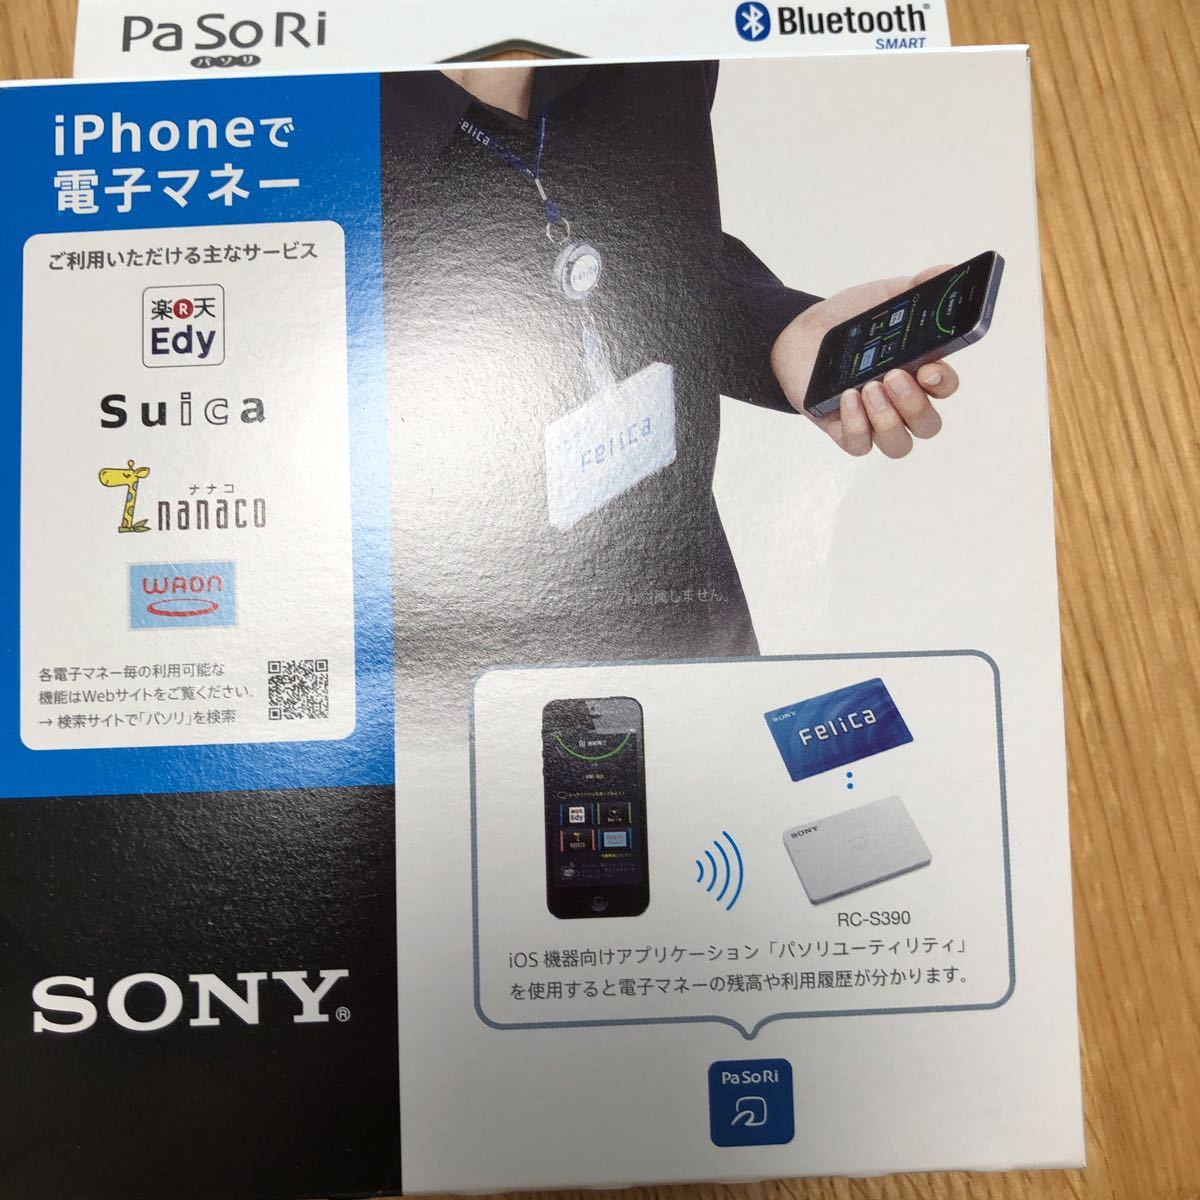 【美品】ソニー ICカード/ライターPaSoRi iPhone/iPad対応 RC-S390 _画像2